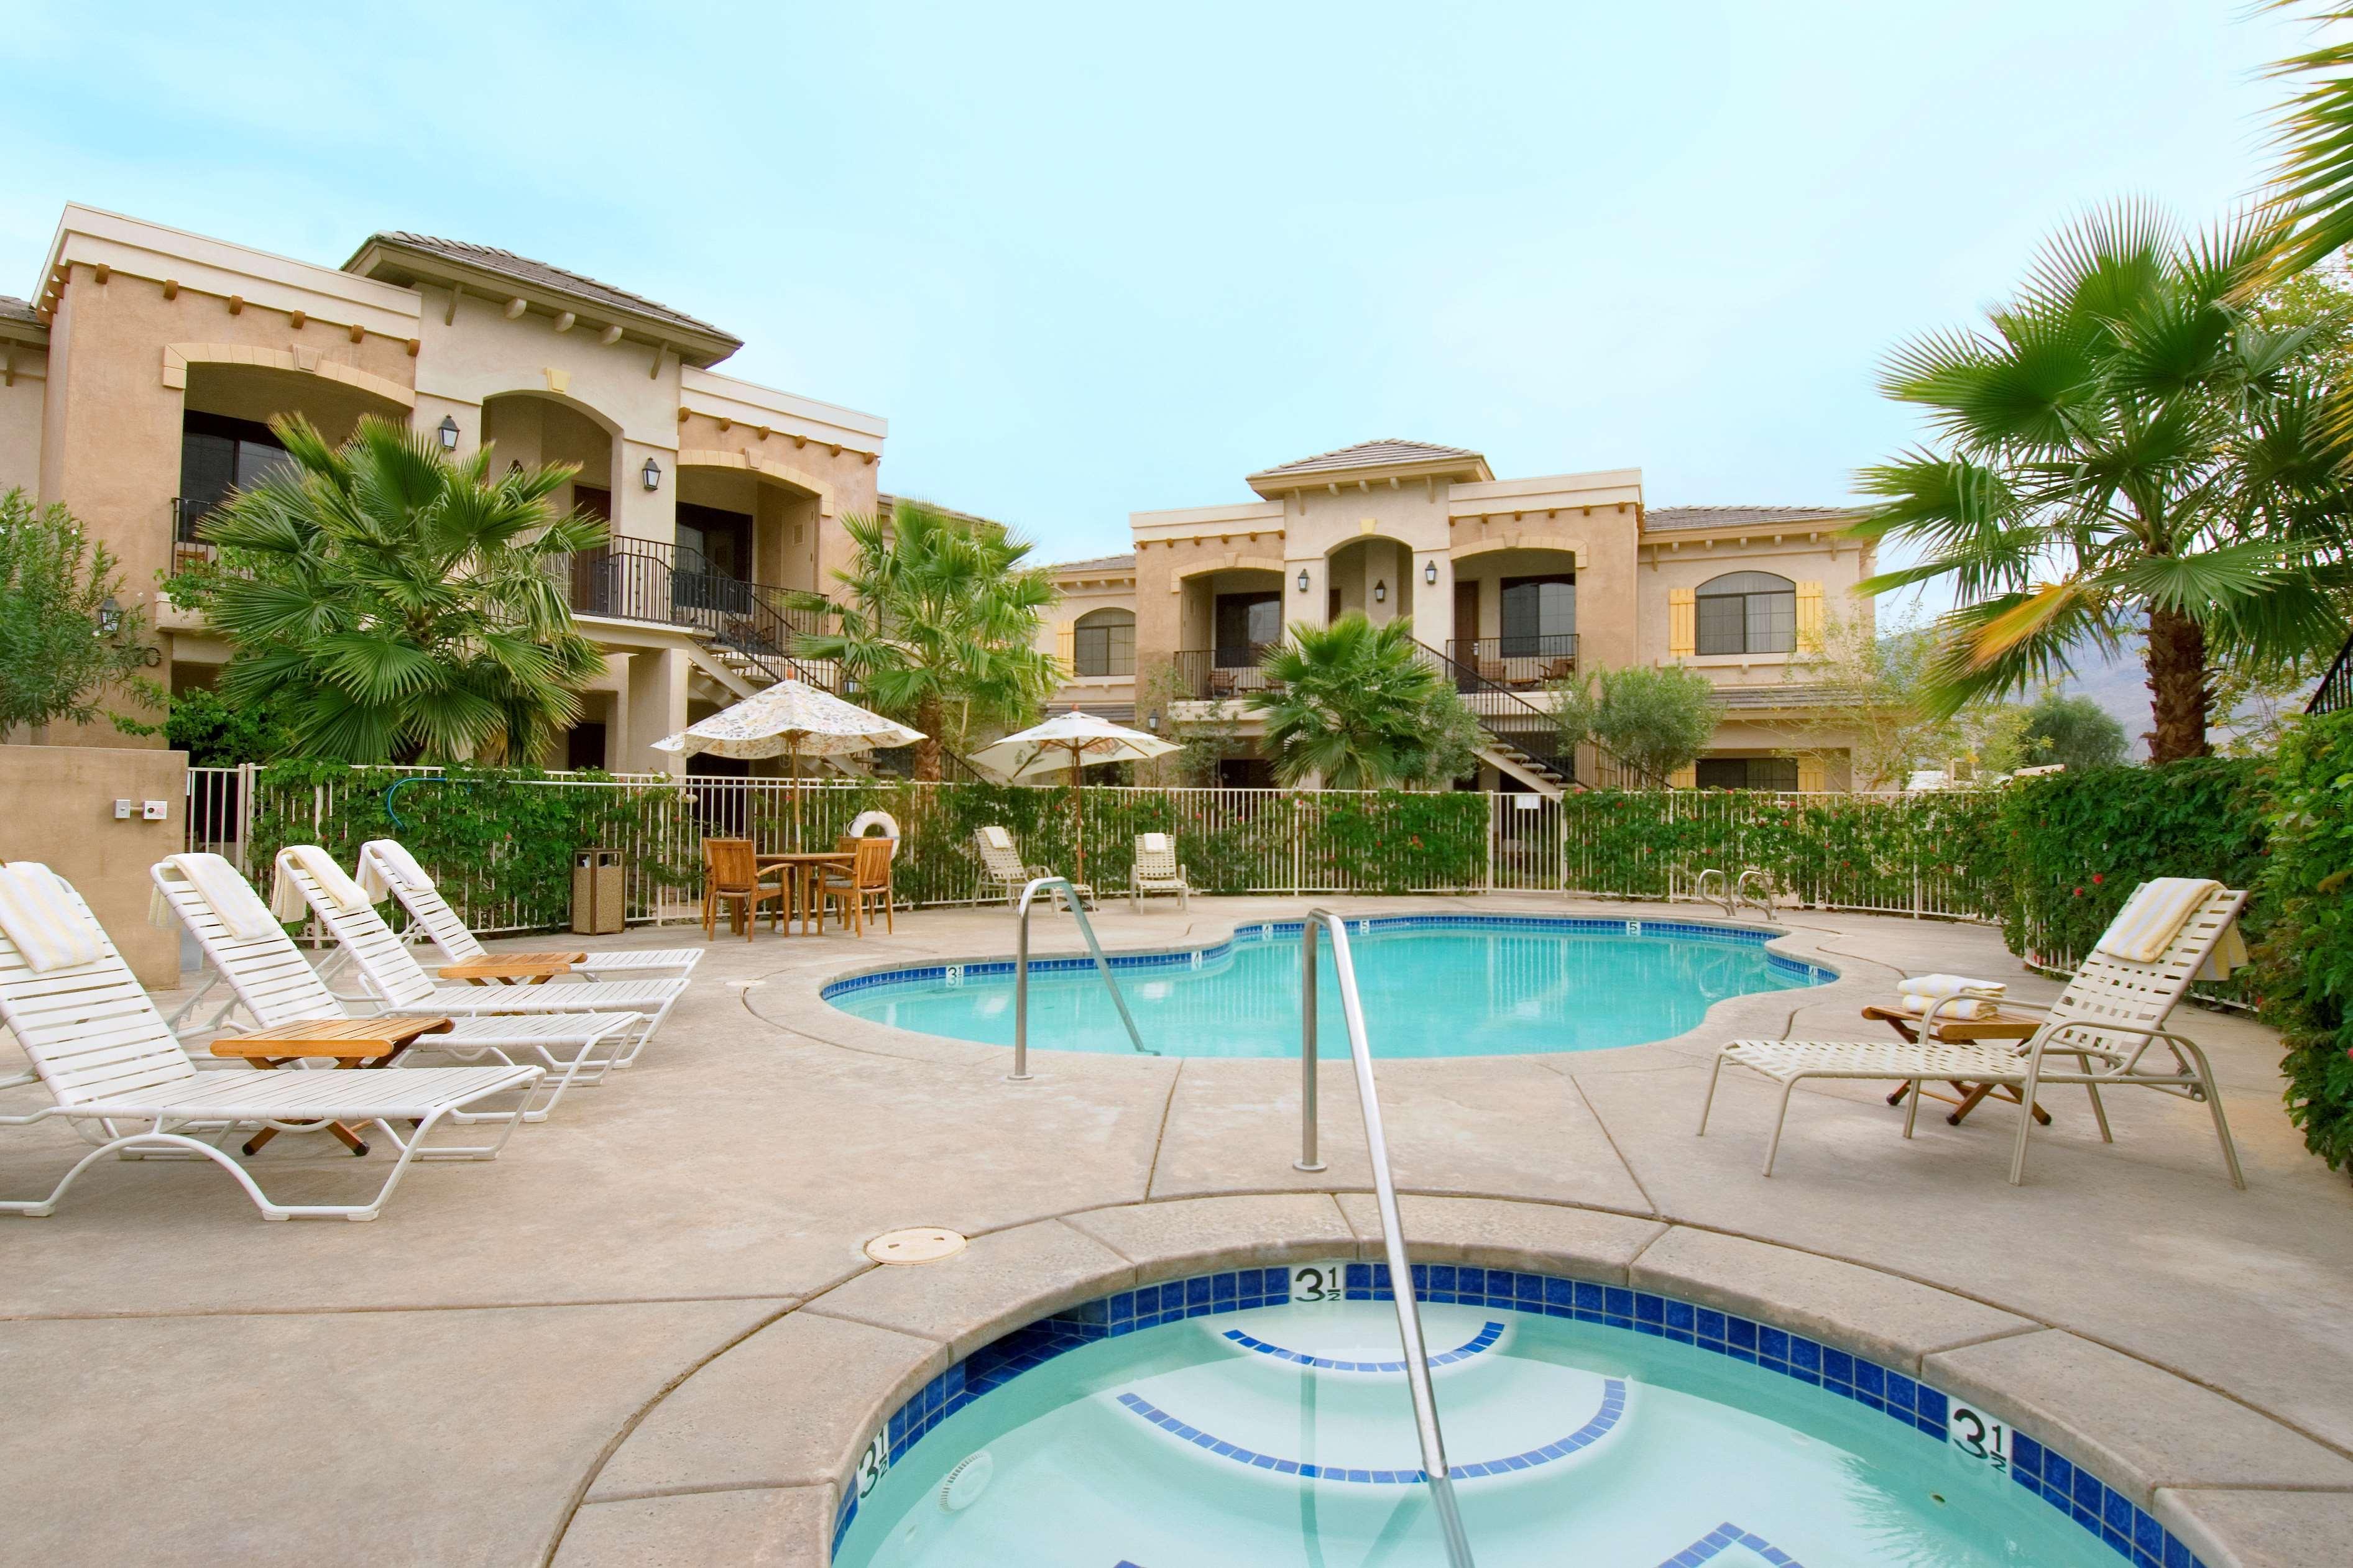 Embassy Suites by Hilton La Quinta Hotel & Spa image 17